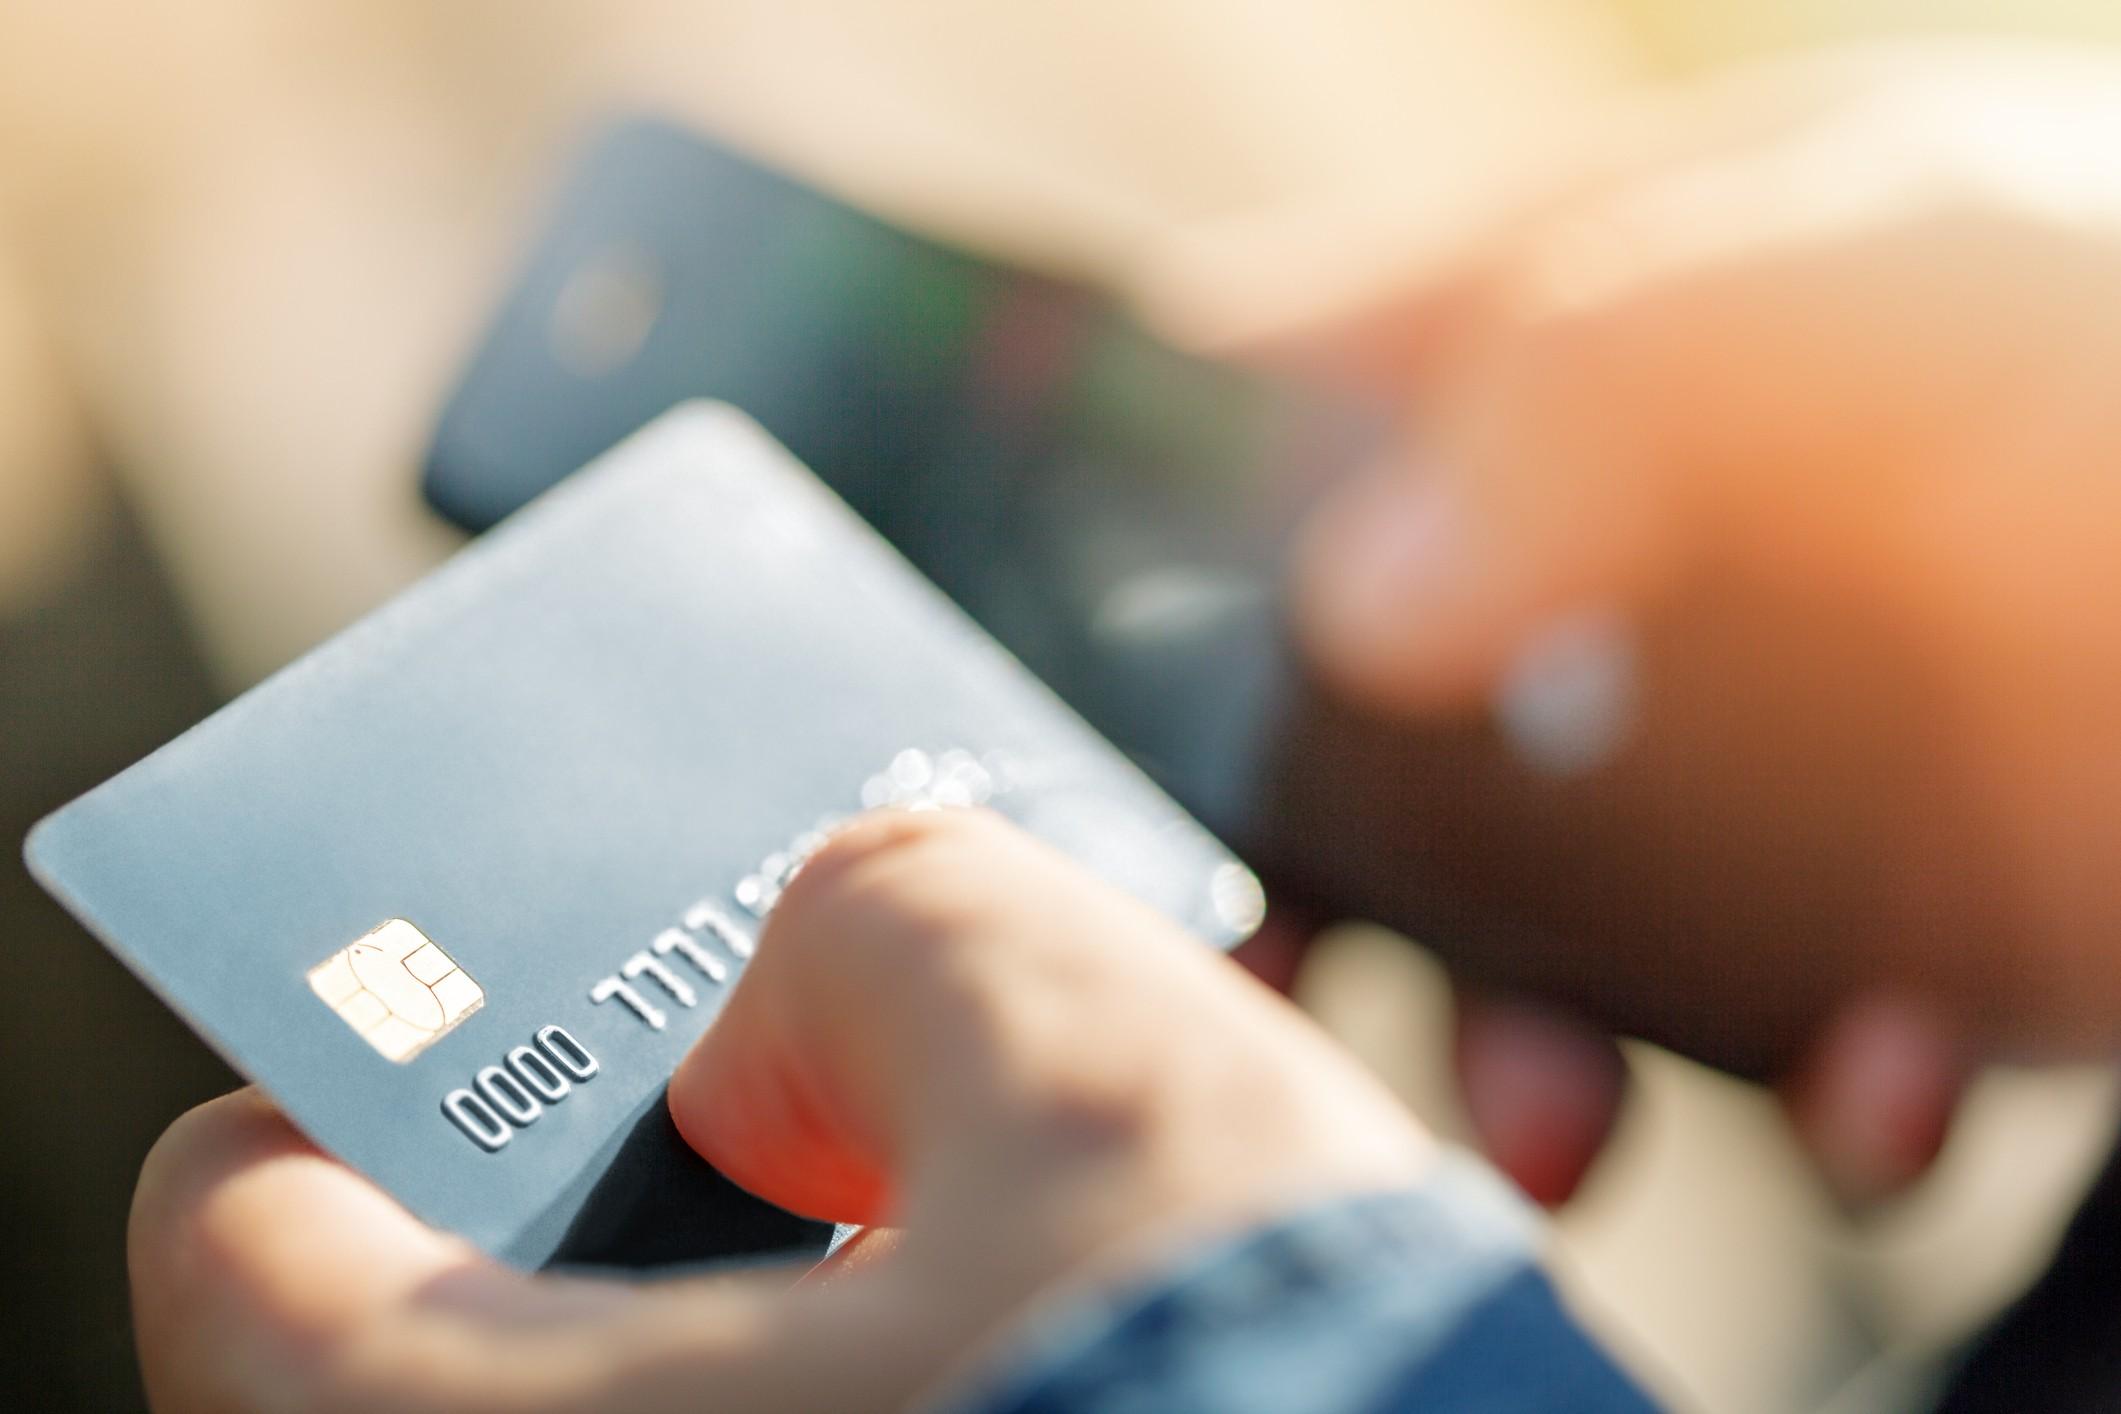 Cartão de crédito: um ótimo aliado quando usado corretamente (Foto: ThinkStock)